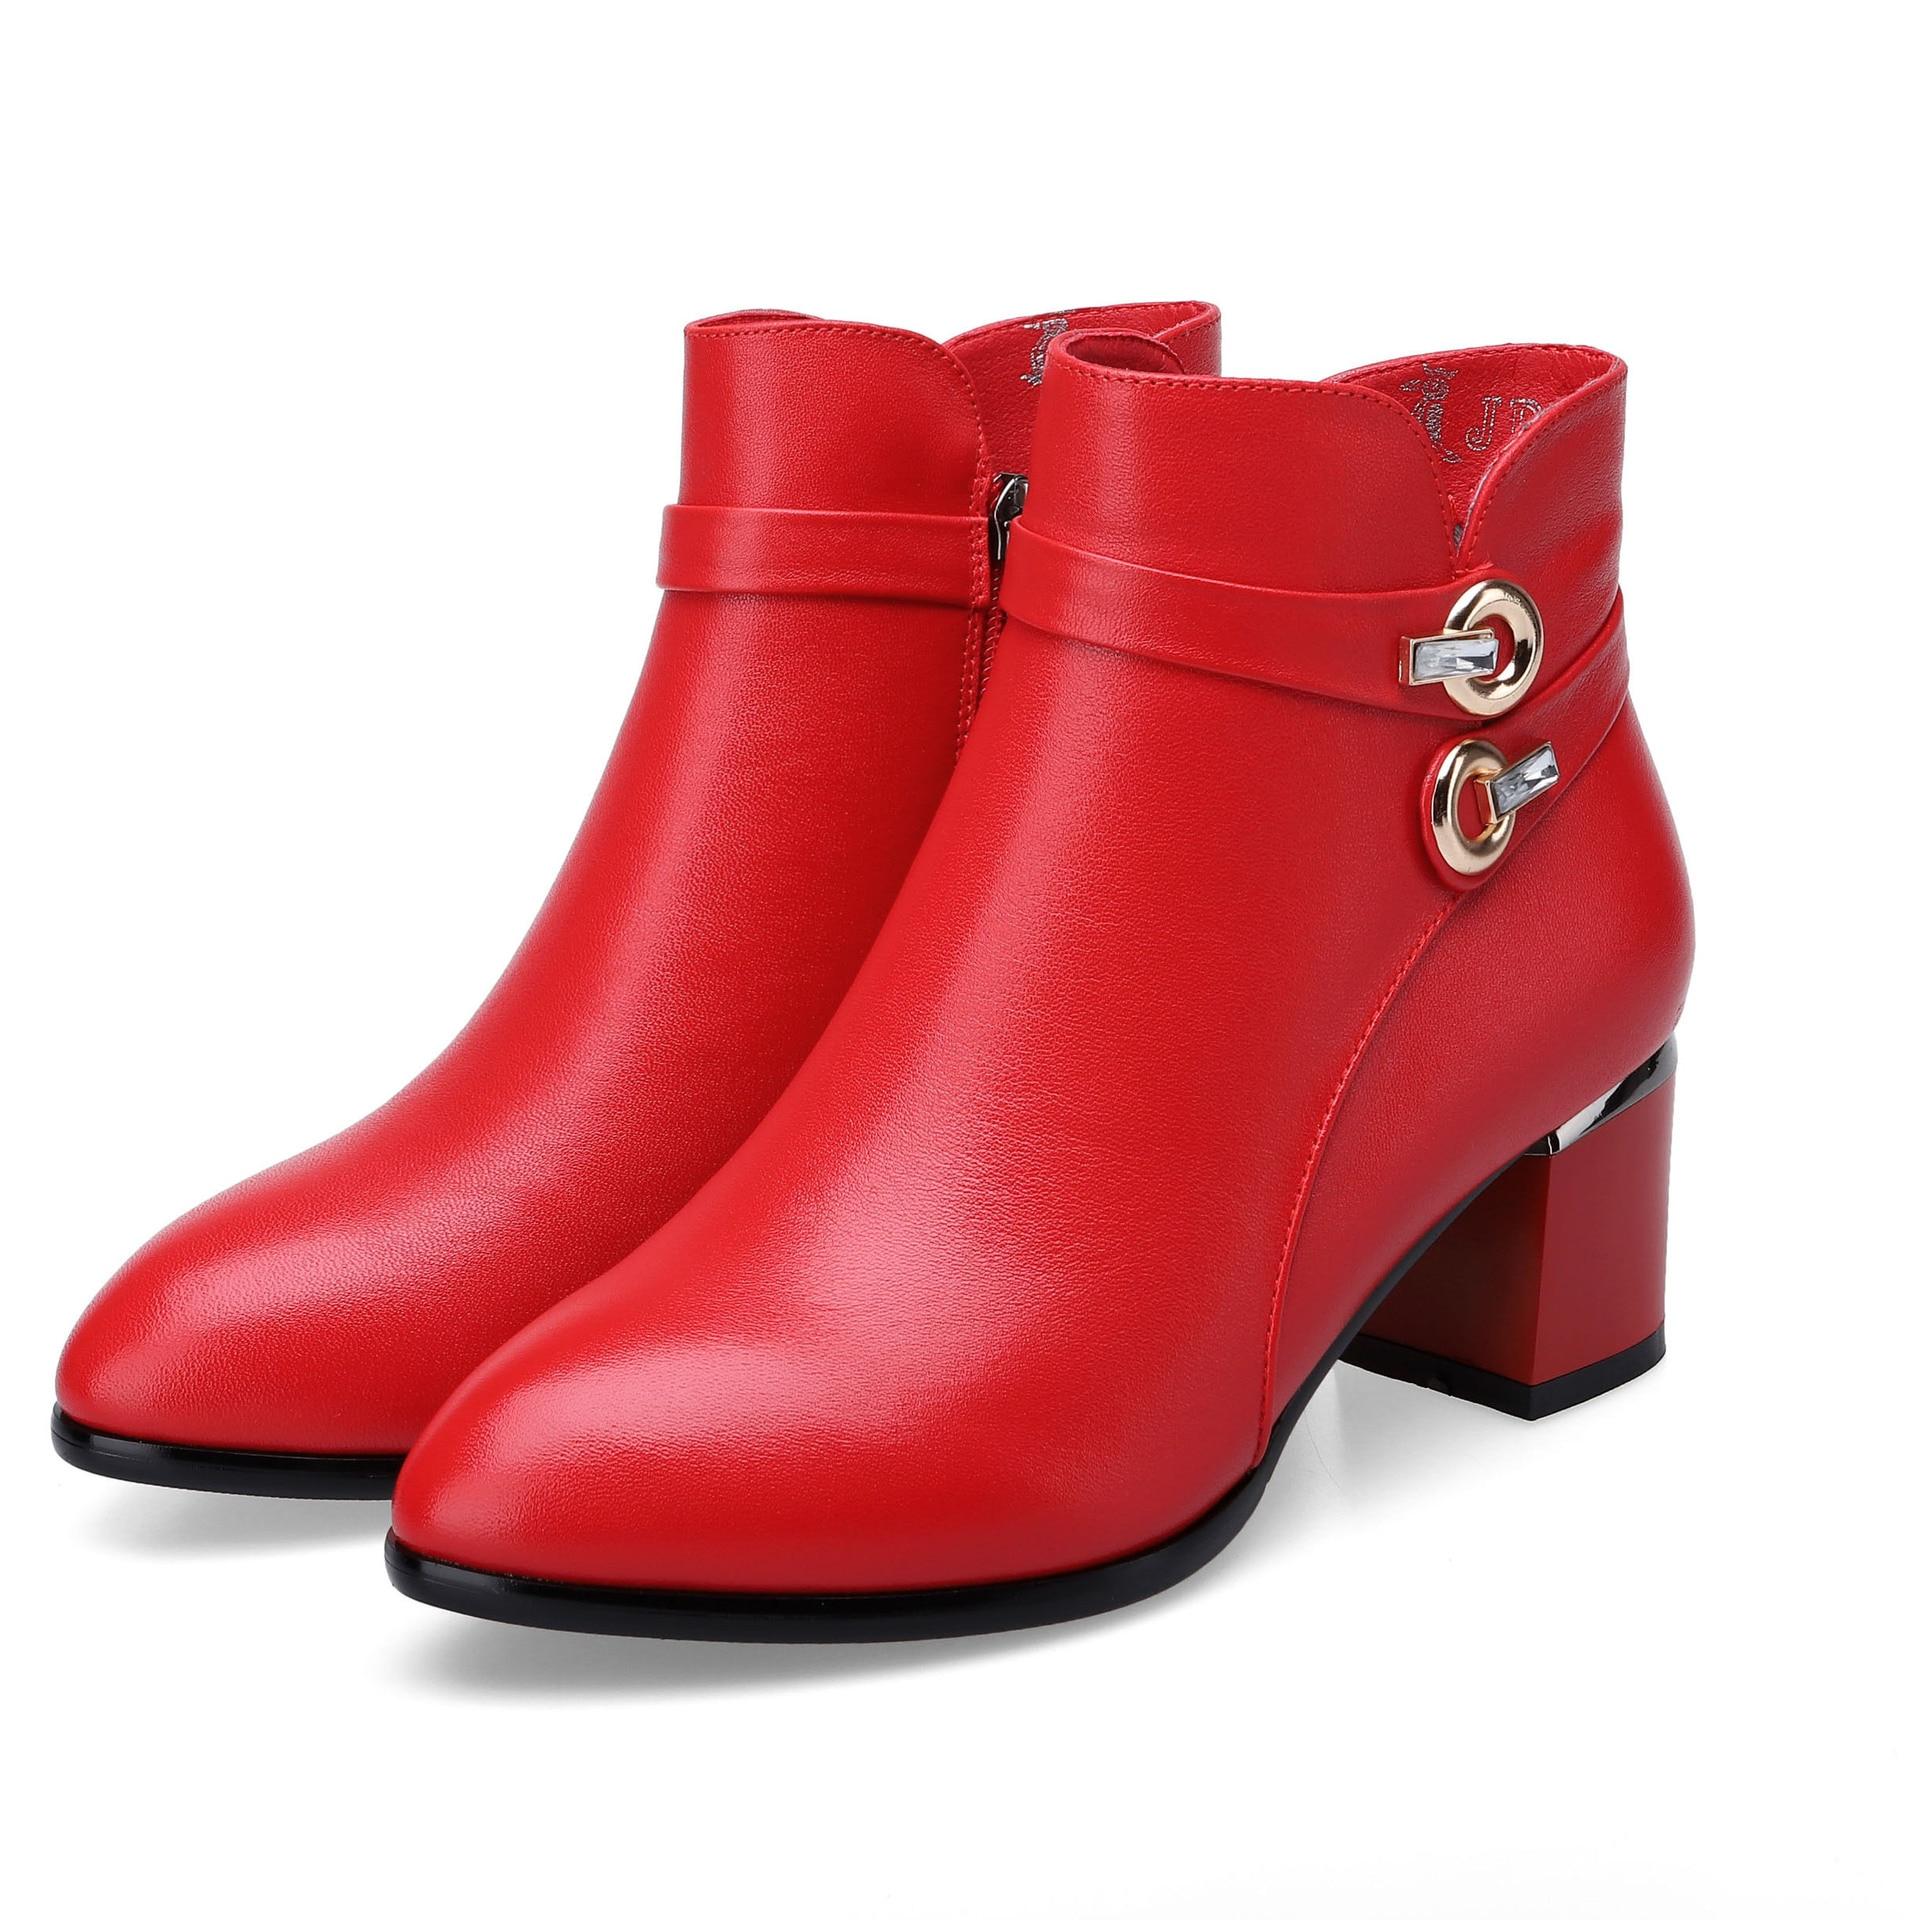 9ab1715b7e4d01 Martin Cuir De Bottines Velours Plus Automne Femmes 2018 red Tête Avec  Black Épais Ronde En Femme Et Bottes Hiver Le Bas n17xUqg